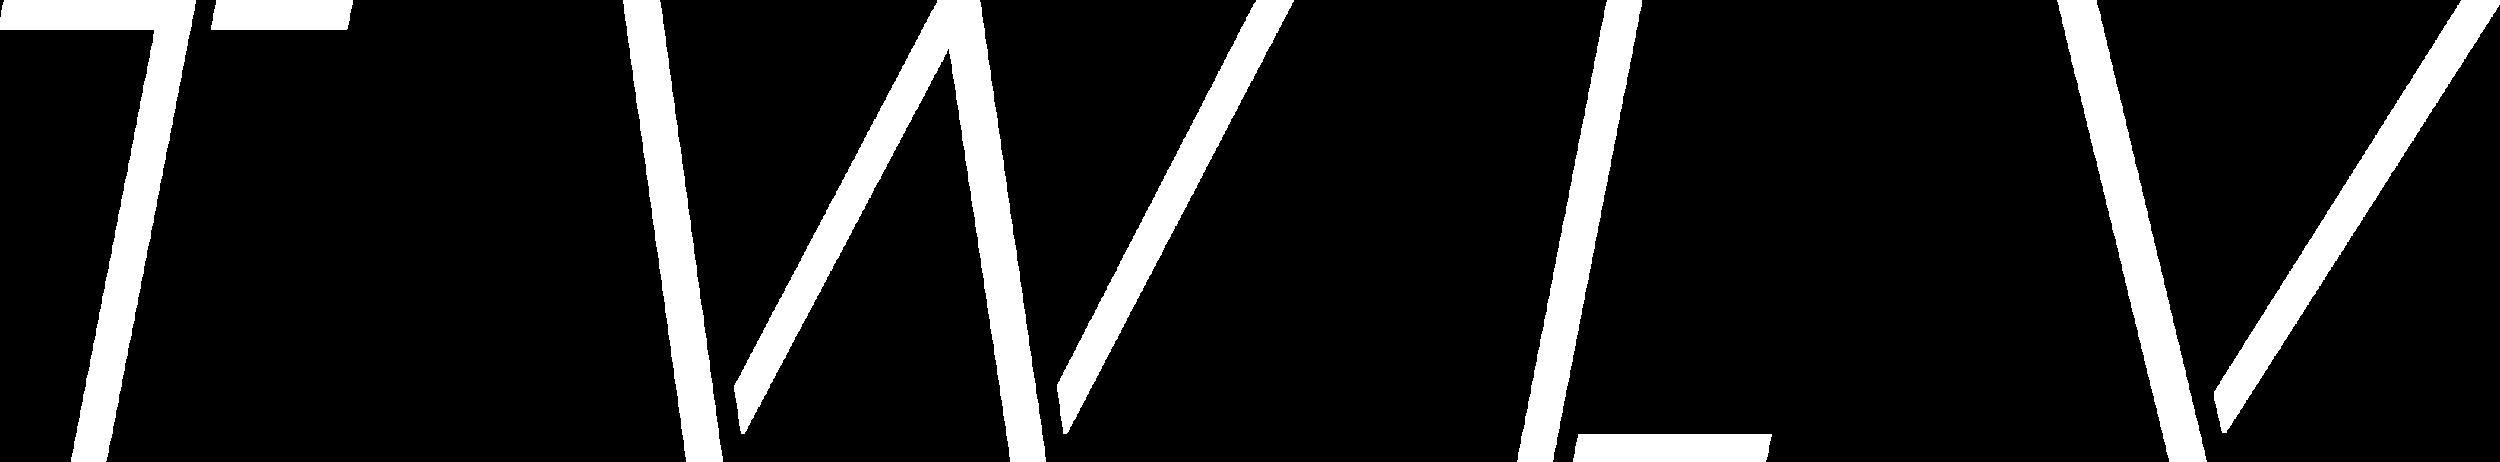 TWLV_transparent background (1).png